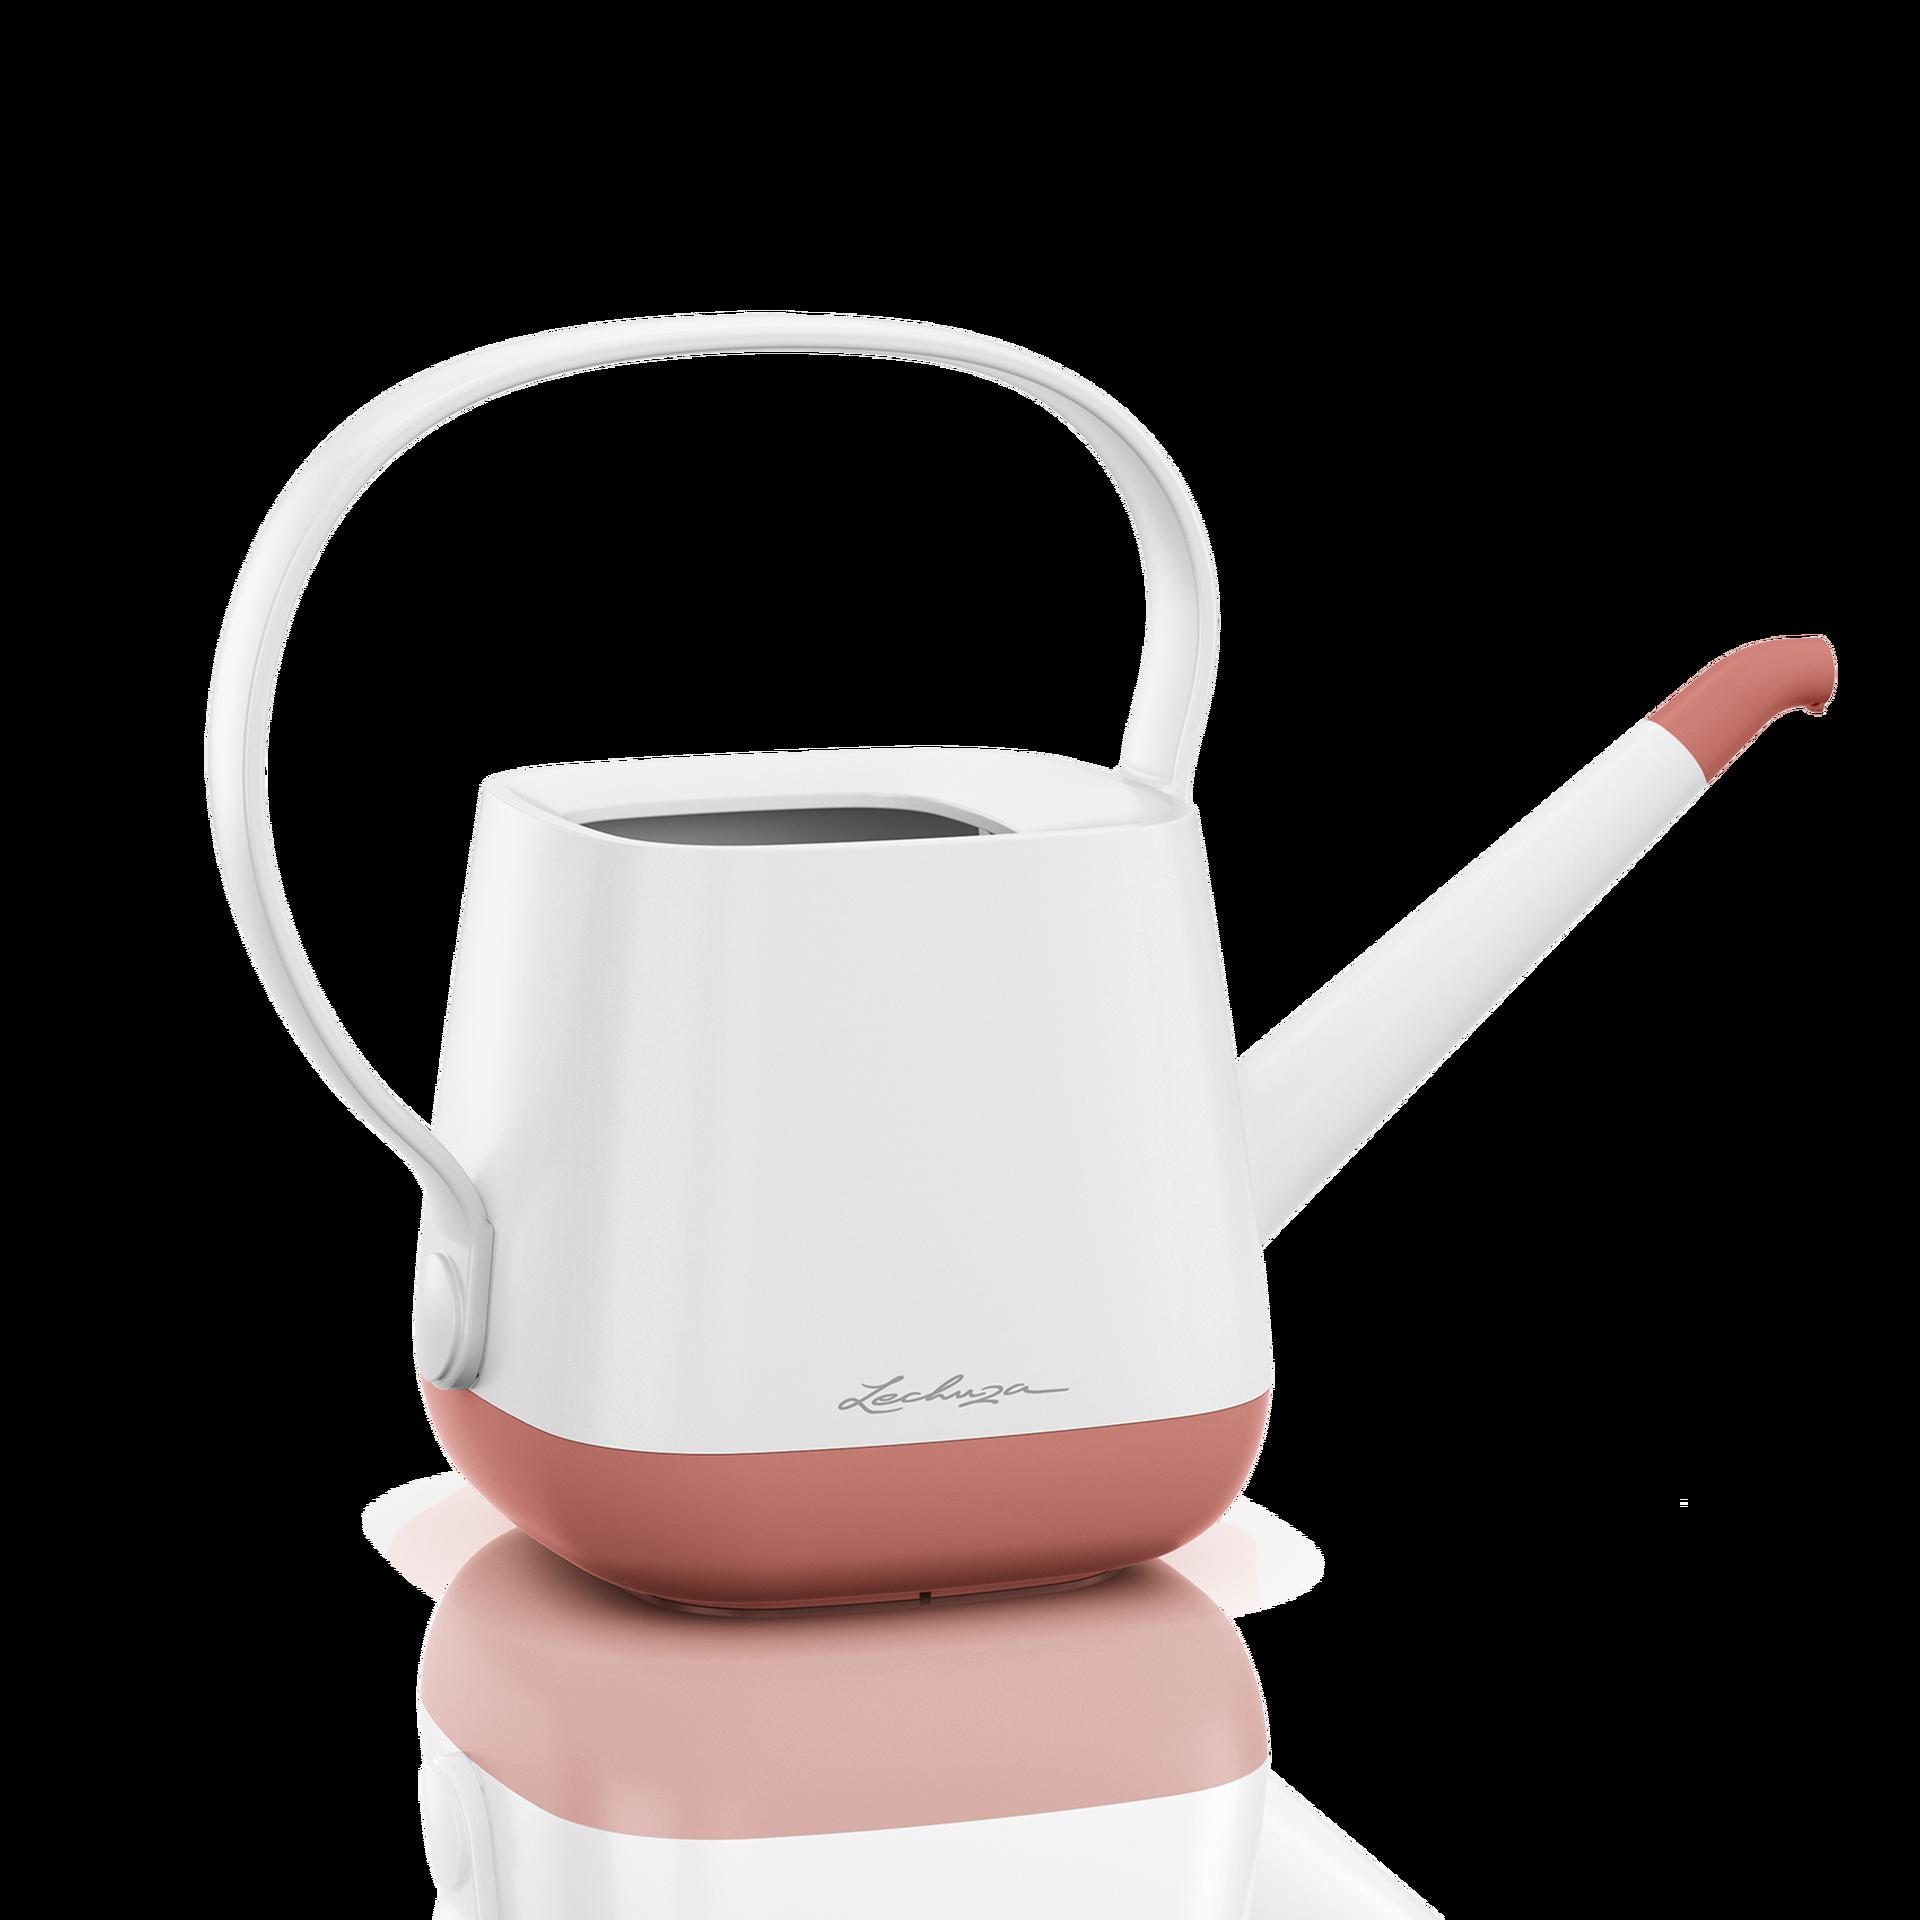 Лейка YULA белый/ярко-розовый